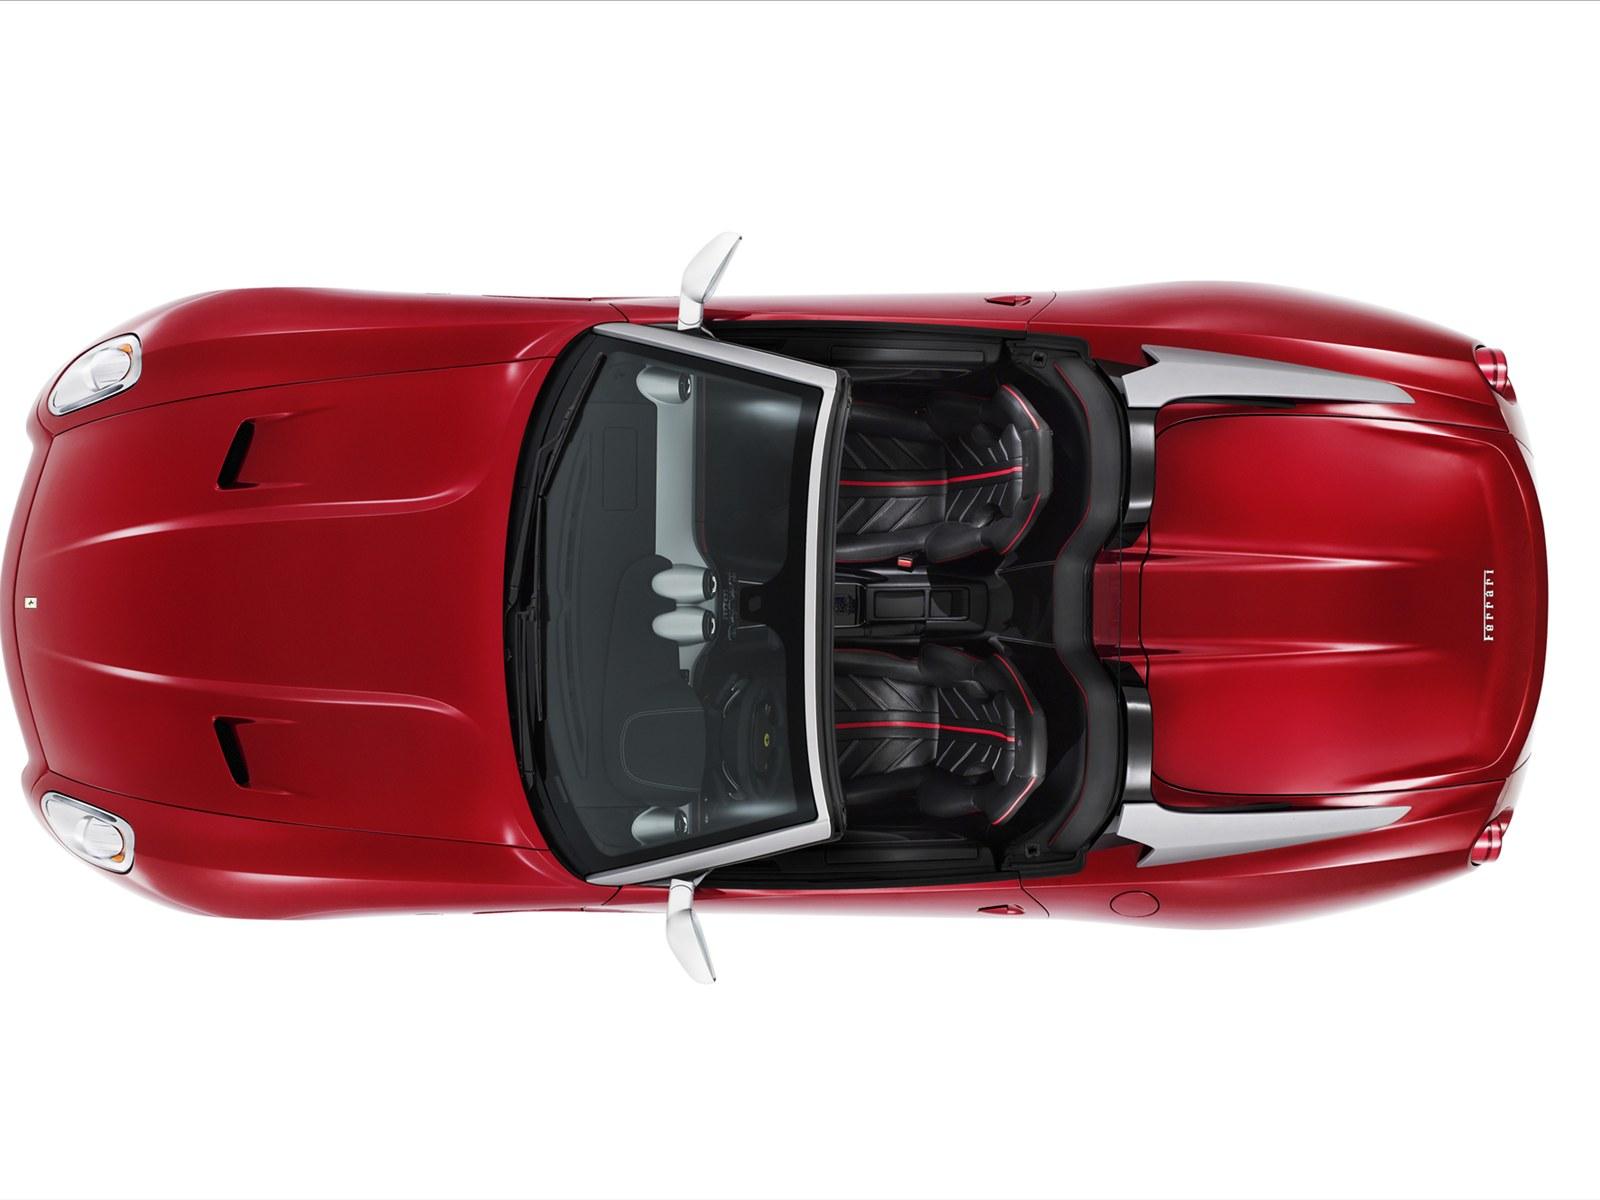 http://2.bp.blogspot.com/-jgJotjT8-1o/TZKaU53QUUI/AAAAAAAABcg/iX9oDRhi6LY/s1600/Ferrari+599+SA+Aperta+2011+image.jpg